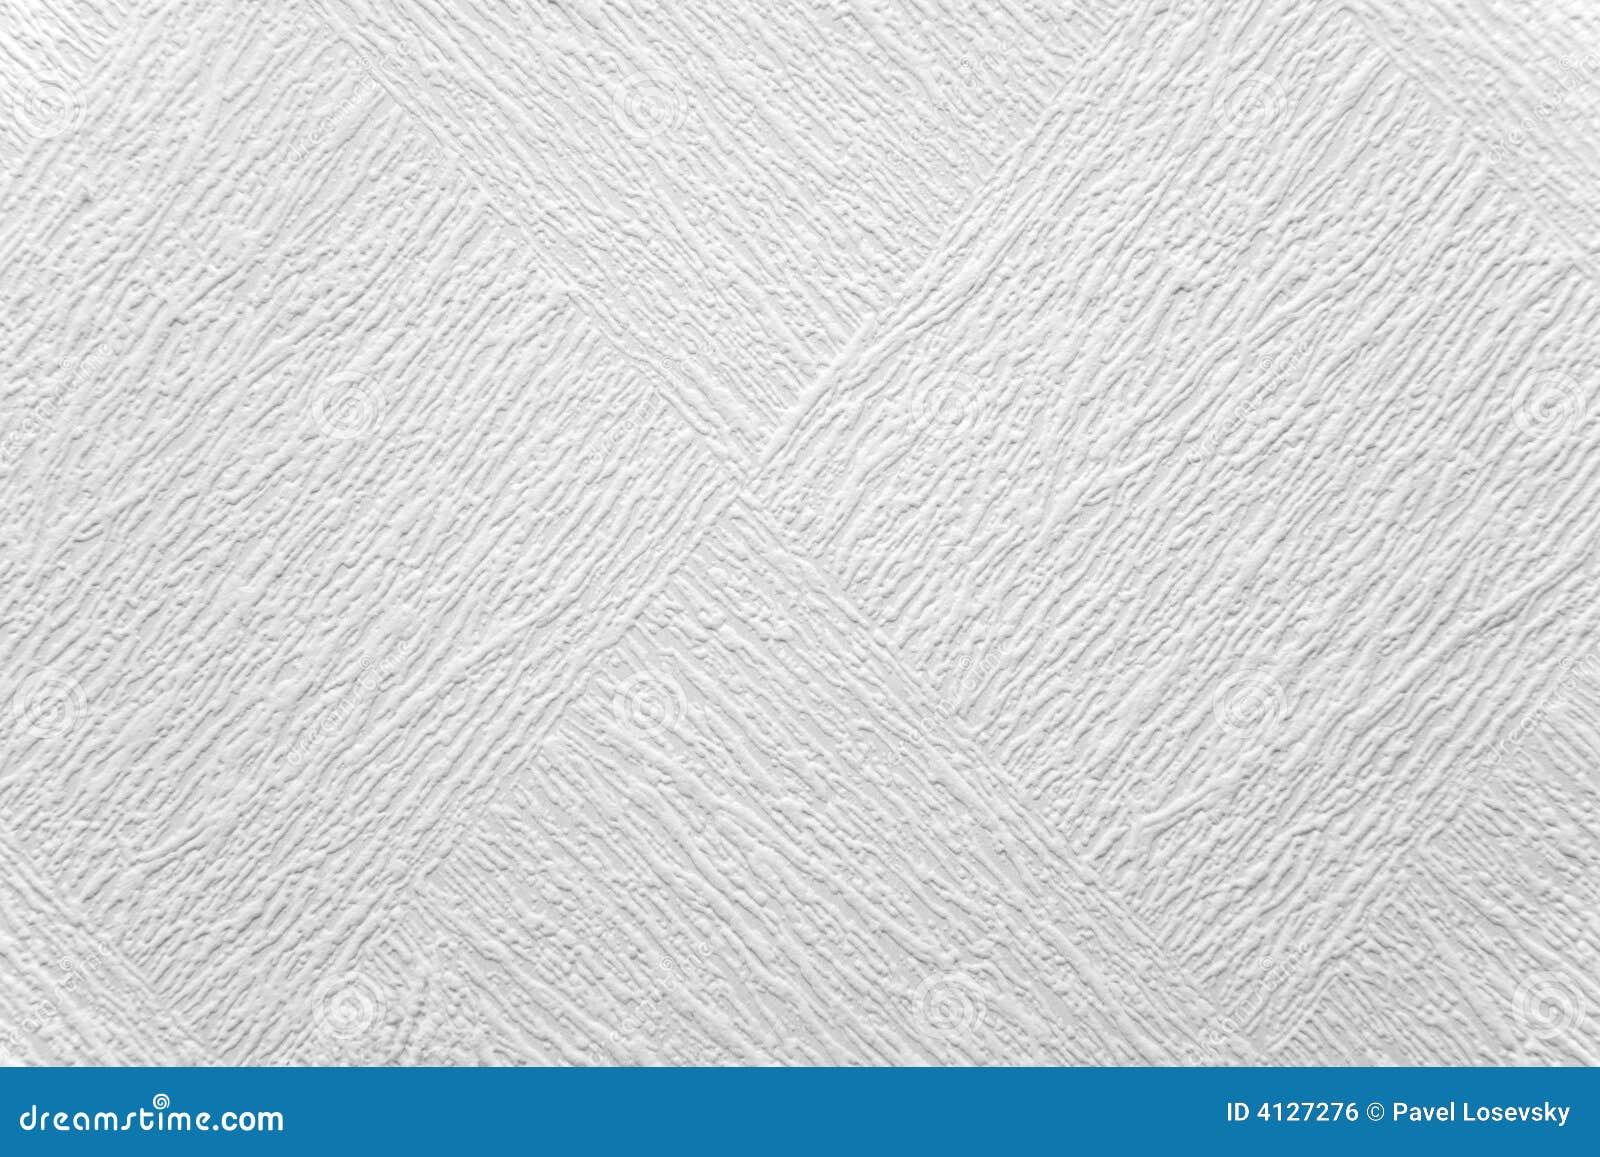 struttura bianca della carta da parati di rilievo